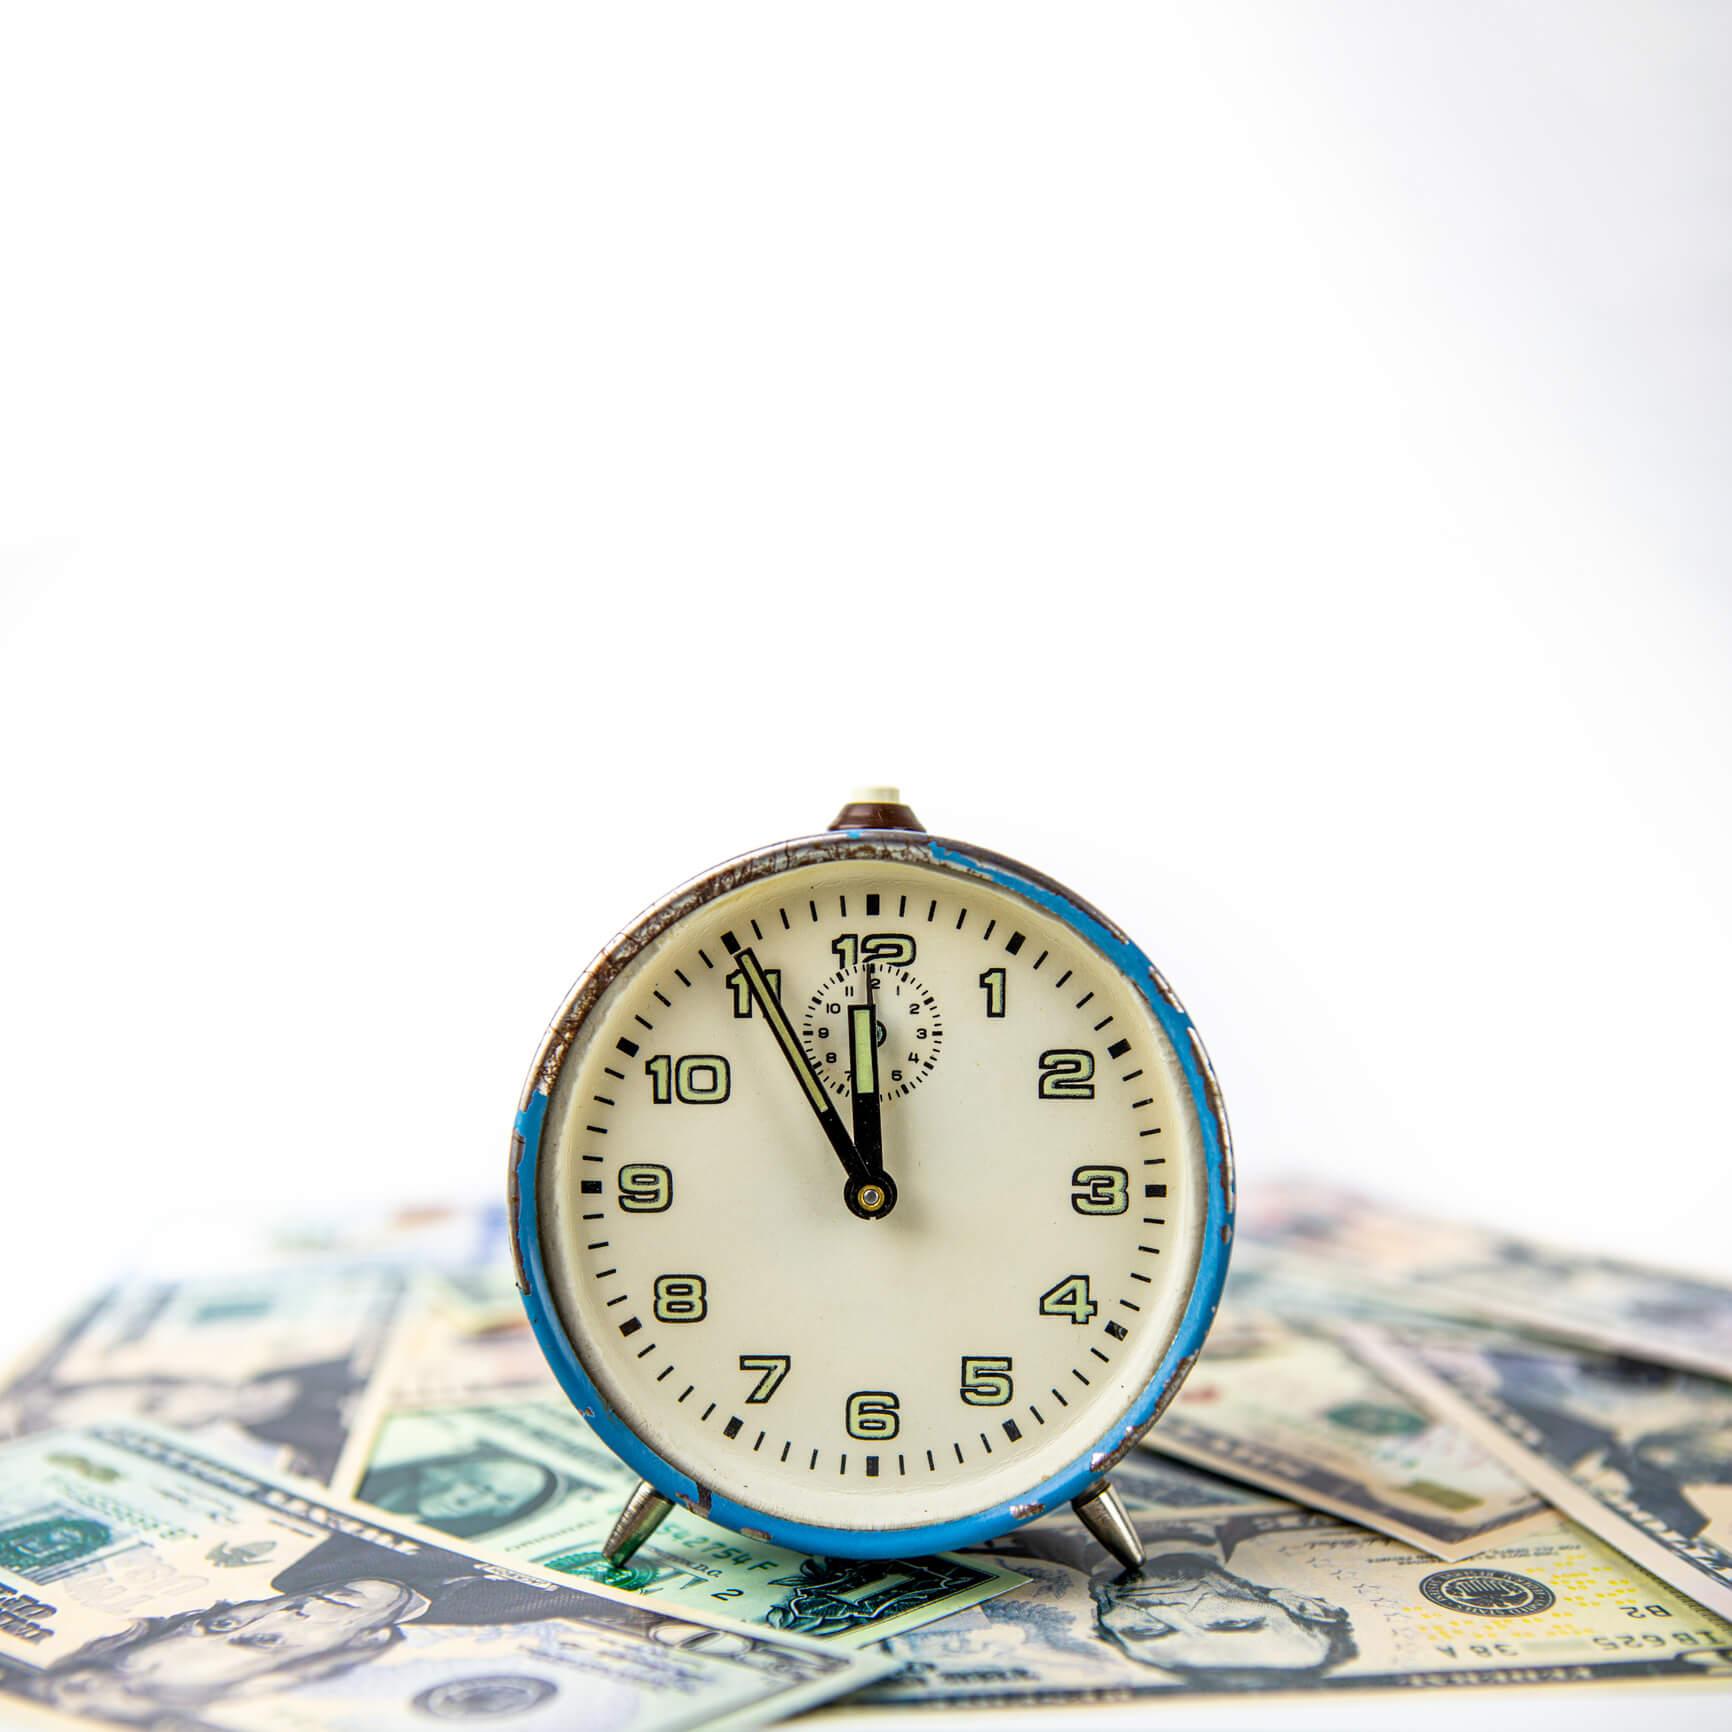 5 Ways to Achieve Financial Goals